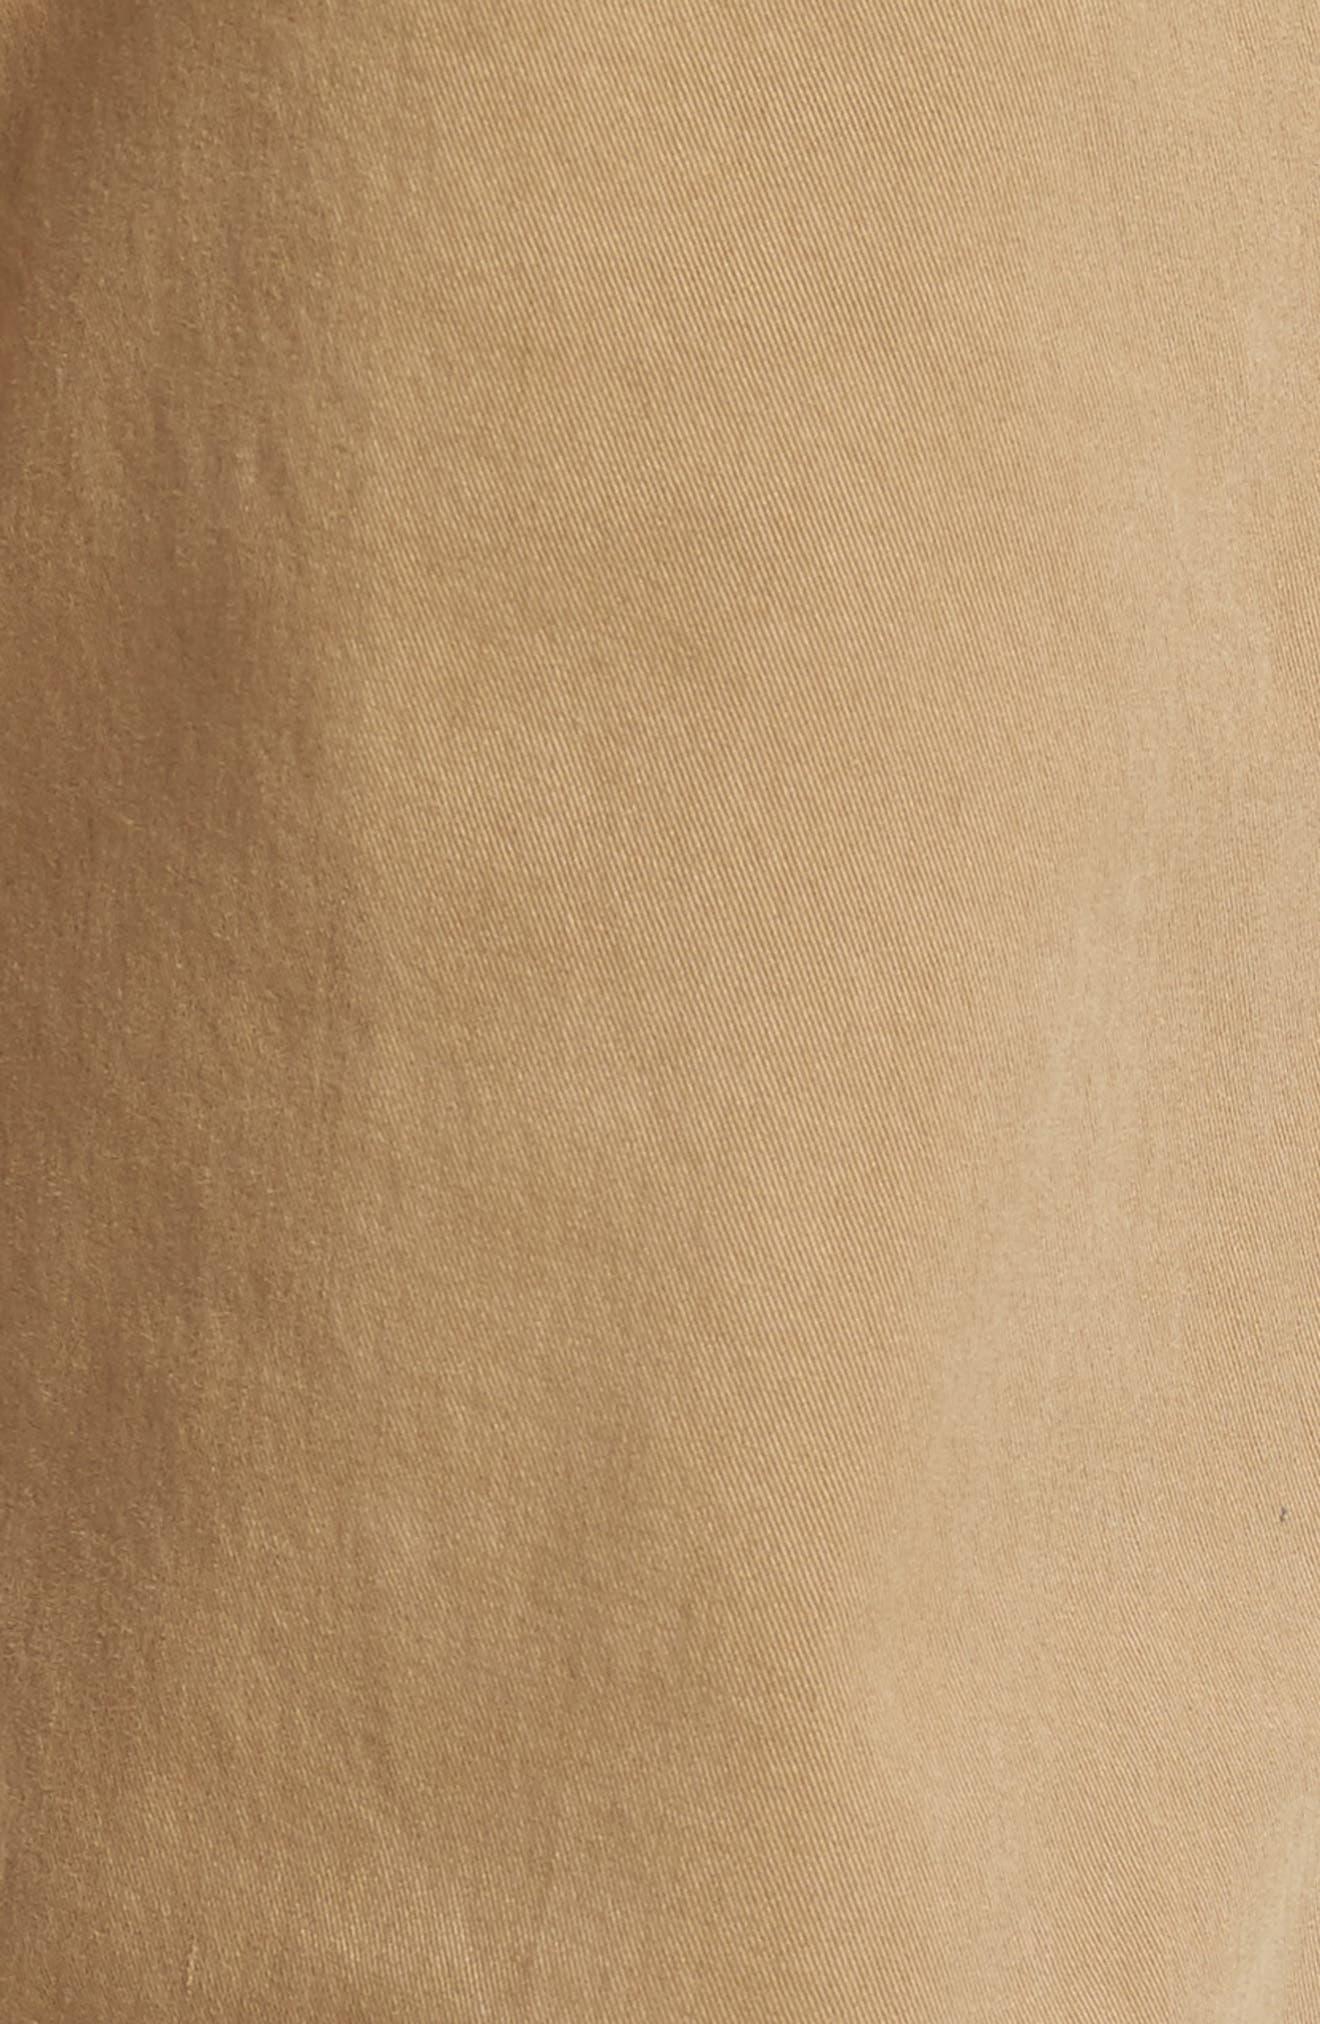 Homme Slim Fit Chino Pants,                             Alternate thumbnail 5, color,                             Khaki